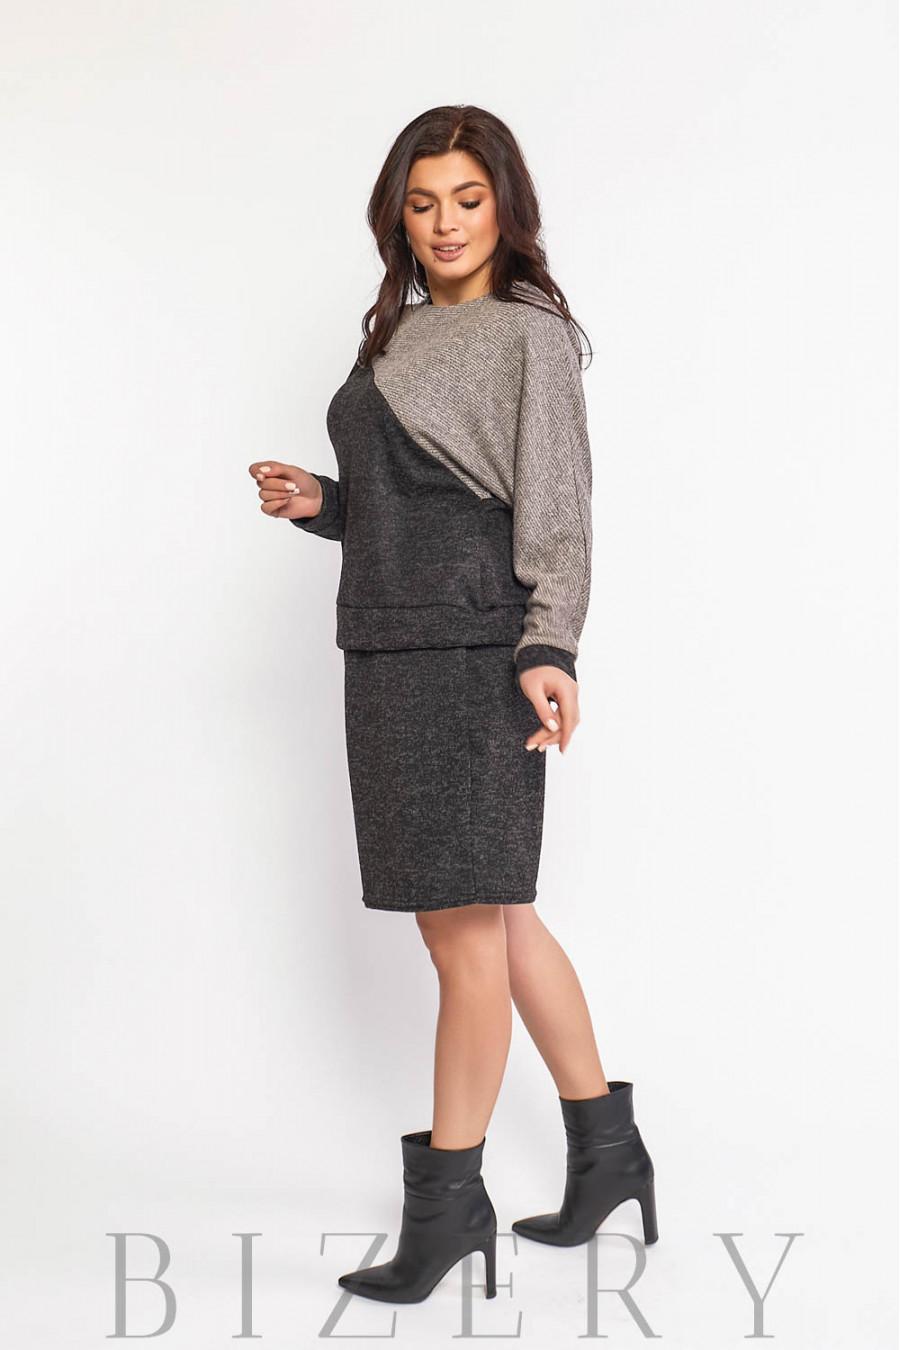 Повседневный костюм с юбкой в чёрном цвете В575